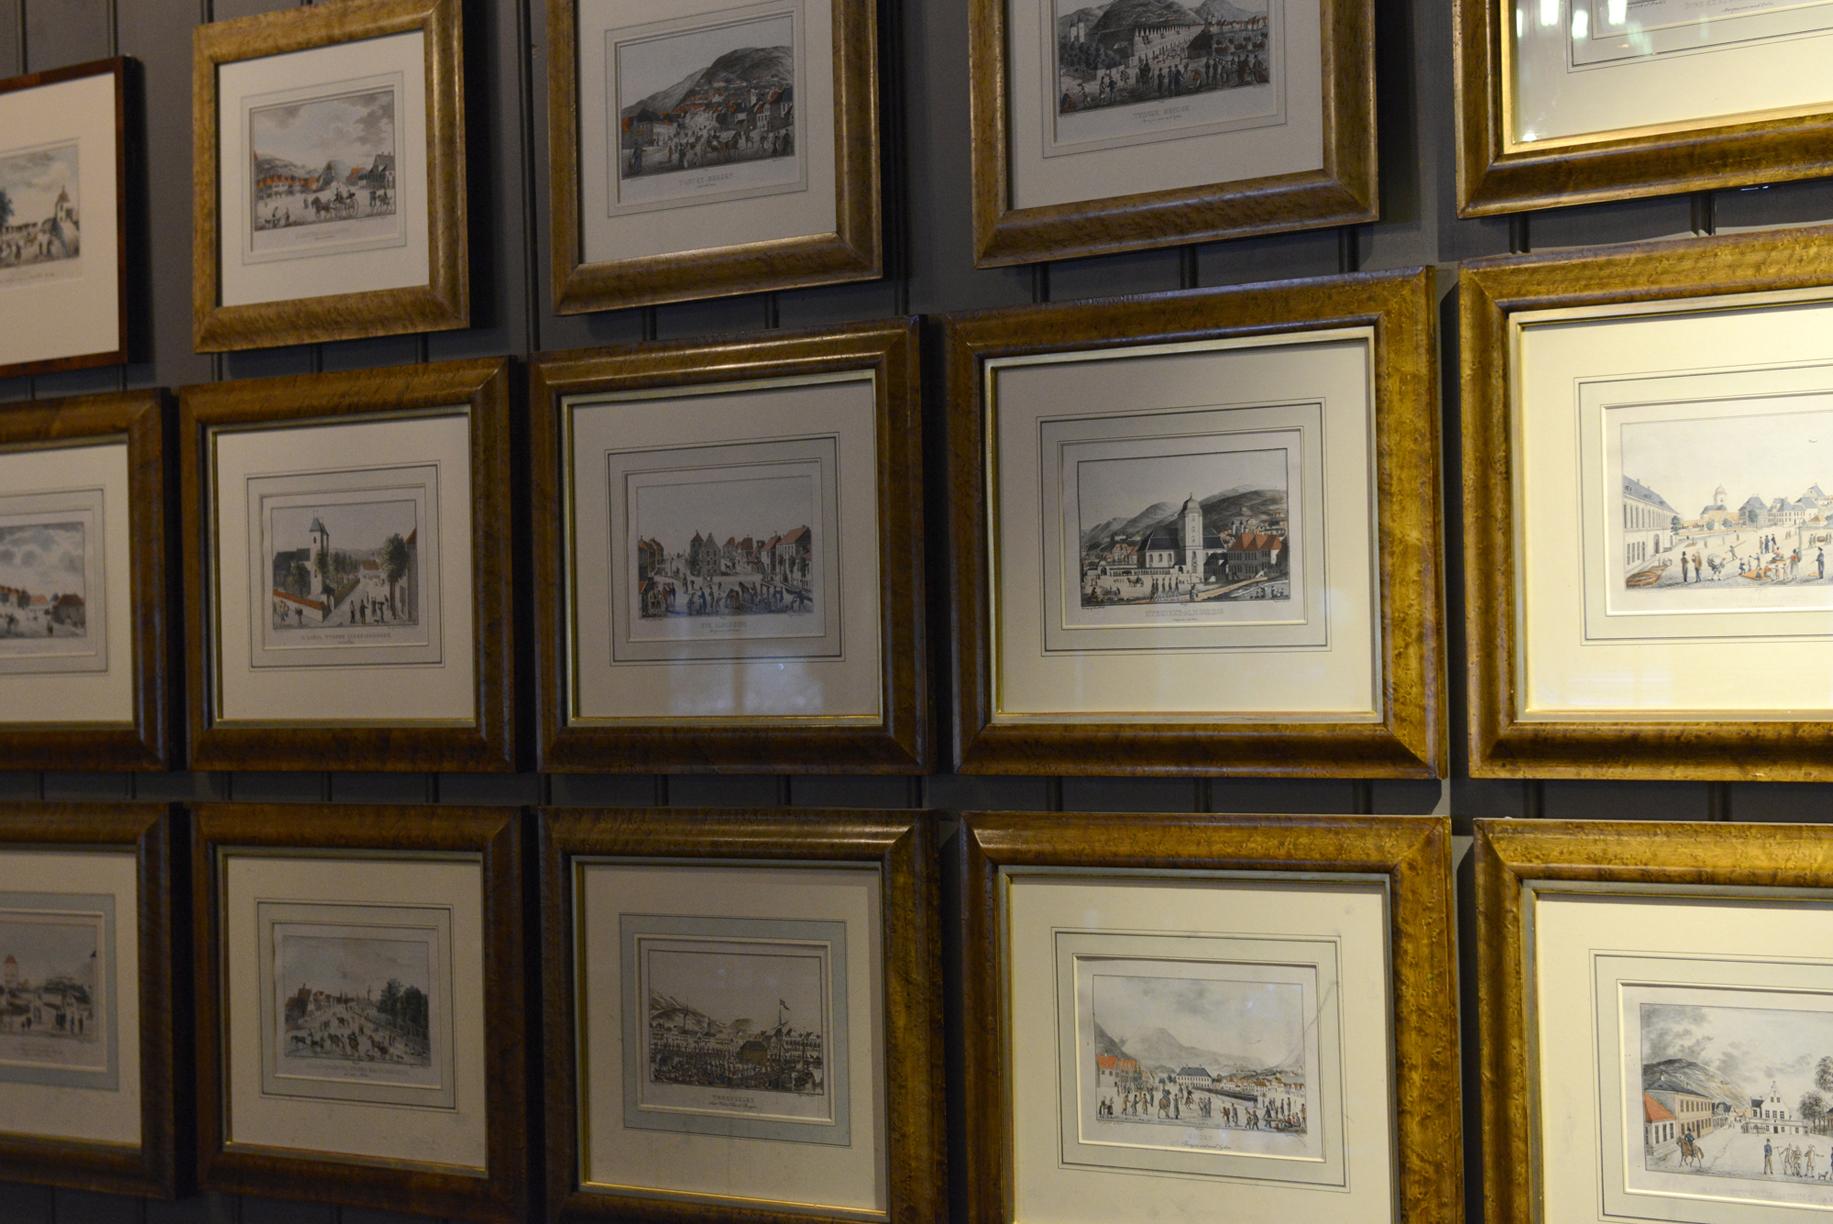 The Gundersen Collection er en imponerende samling av kunst og norske bondeantikviteter. Store deler av samlingen er stilt ut på hotellet Vestlia Resort i fjellbygda Geilo, Norge. The Gundersen Collection har også Norges viktigste private samling med grafikk av Edvard Munch. Ikke minst flere håndkolorerte grafiske verk. Samlingen har også originaler og trykte prospekter av Johan Friedrich Leonhard Dreier (1775-1833).